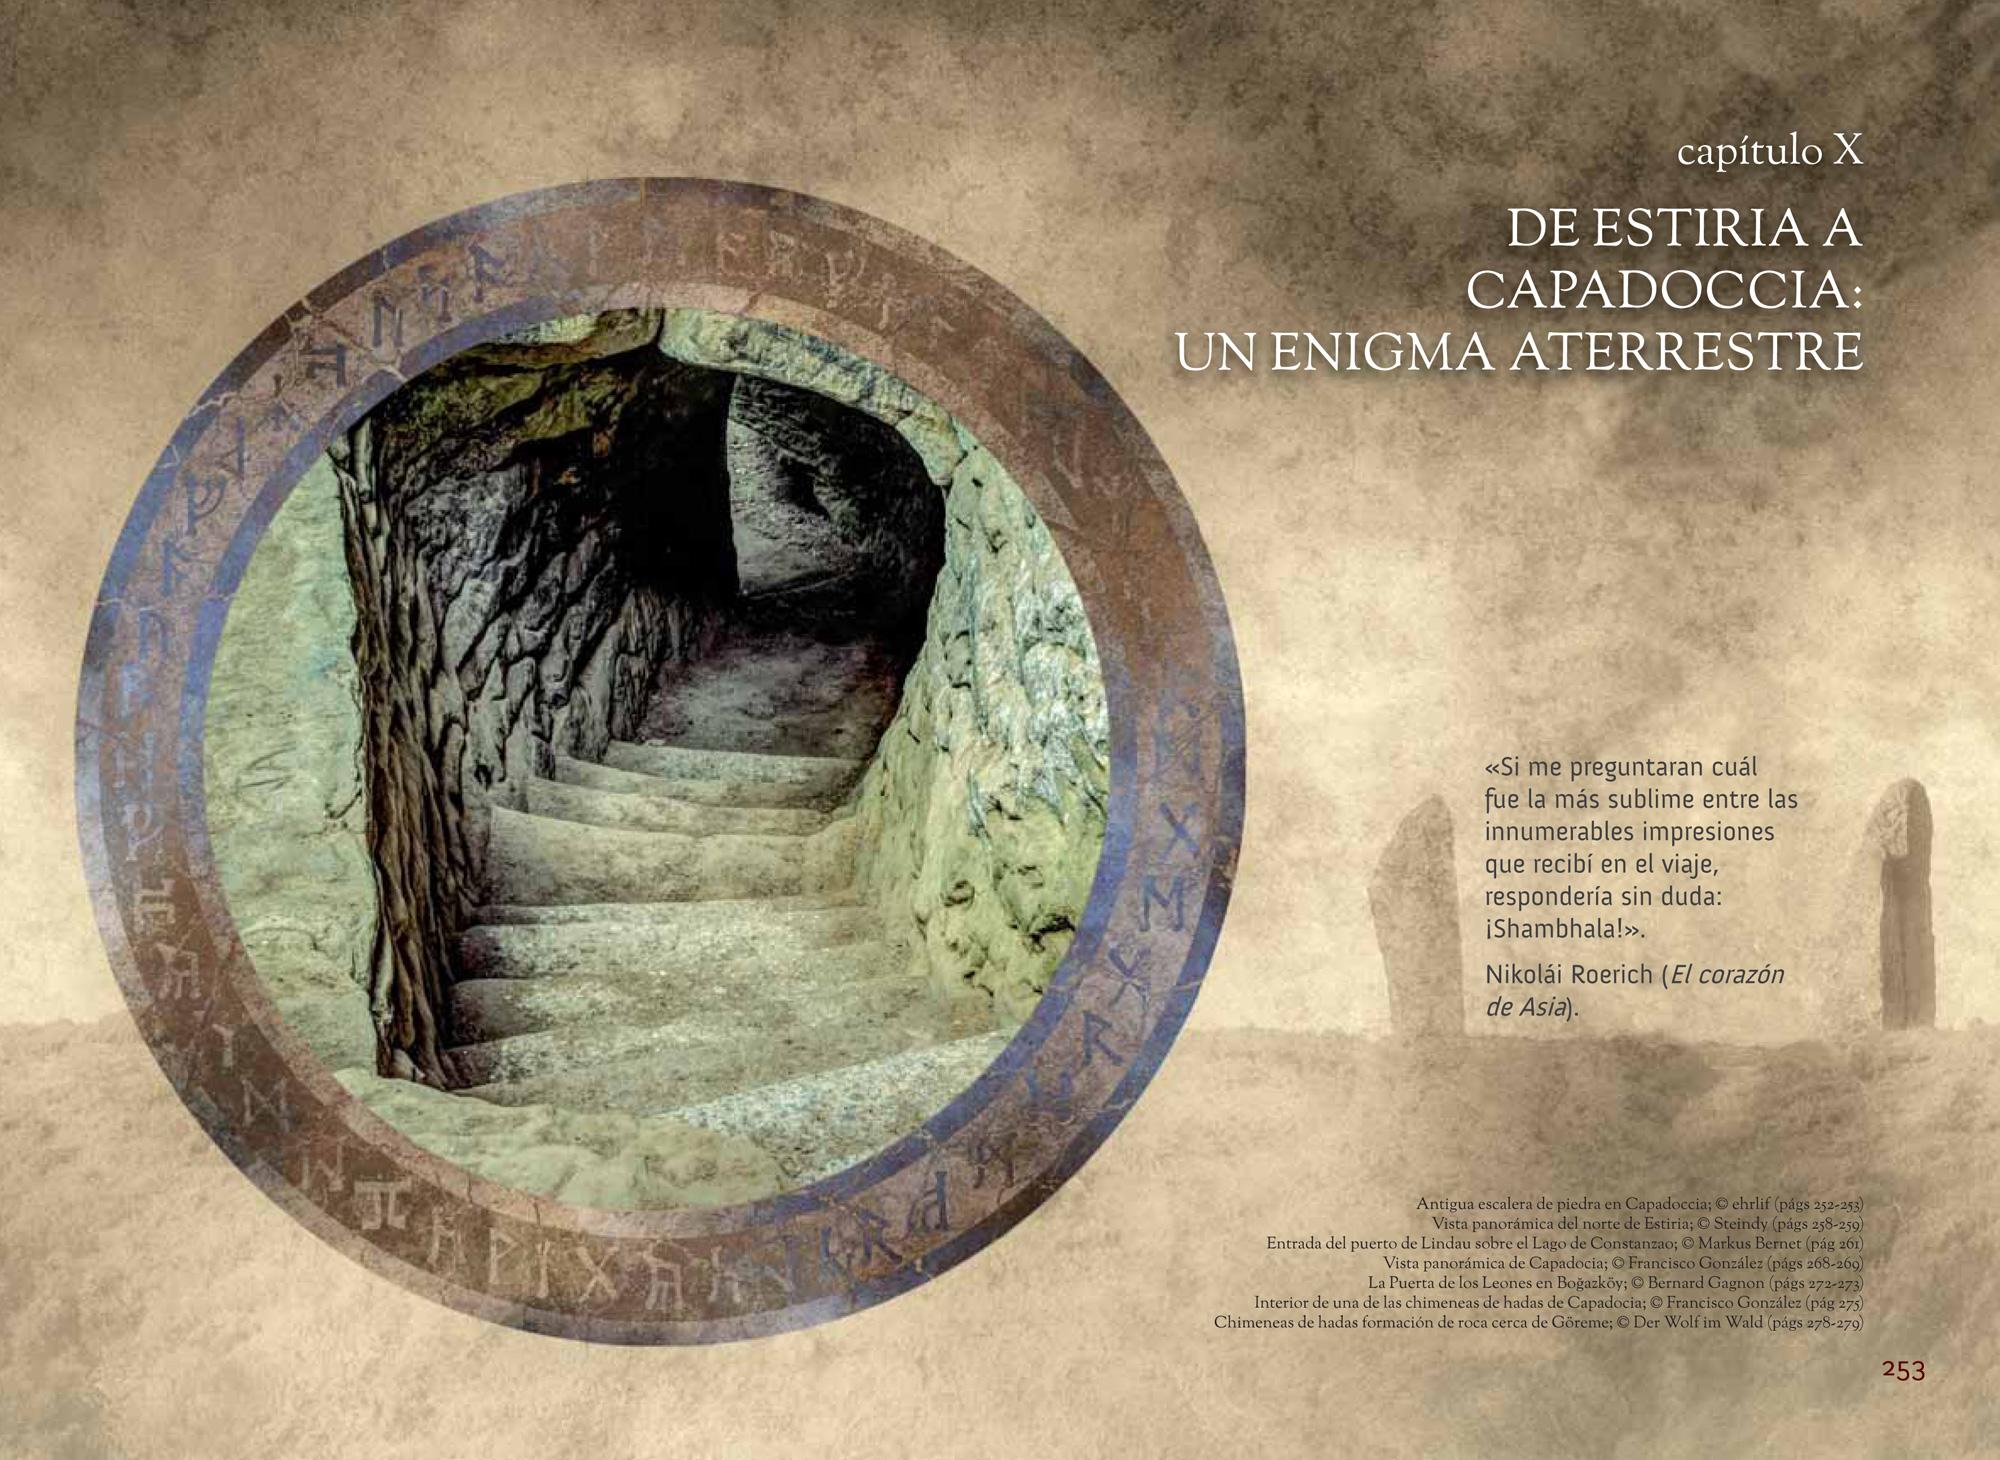 Capítulo X DE ESTIRIA A CAPADOCIA: UN ENIGMA INTRATERRESTRE